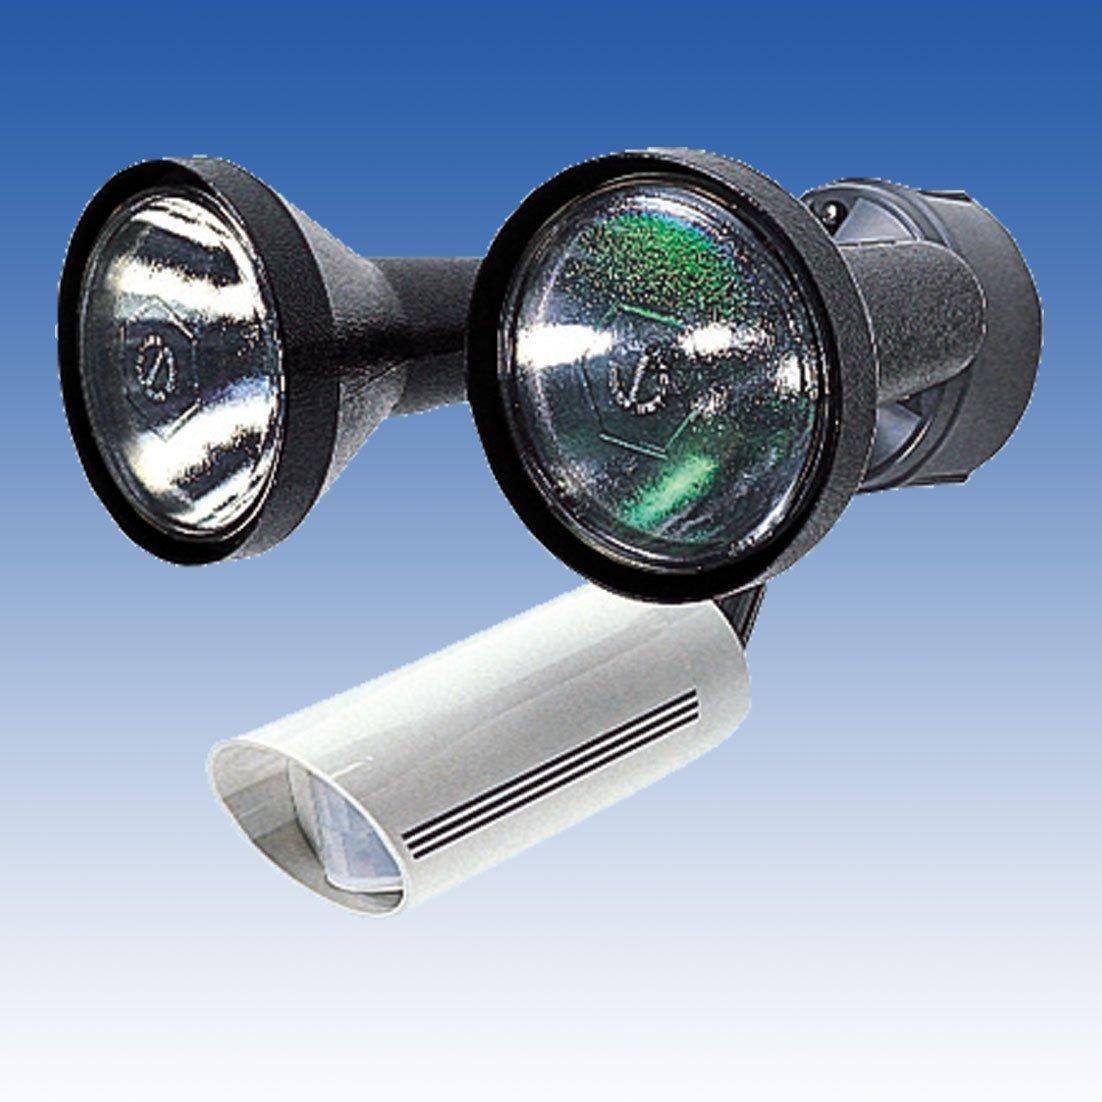 人感音感ライト LC-102W センサーライト 立体検知型15m用2灯用 TAKEX 竹中エンジニアリング B00KX1CPVI